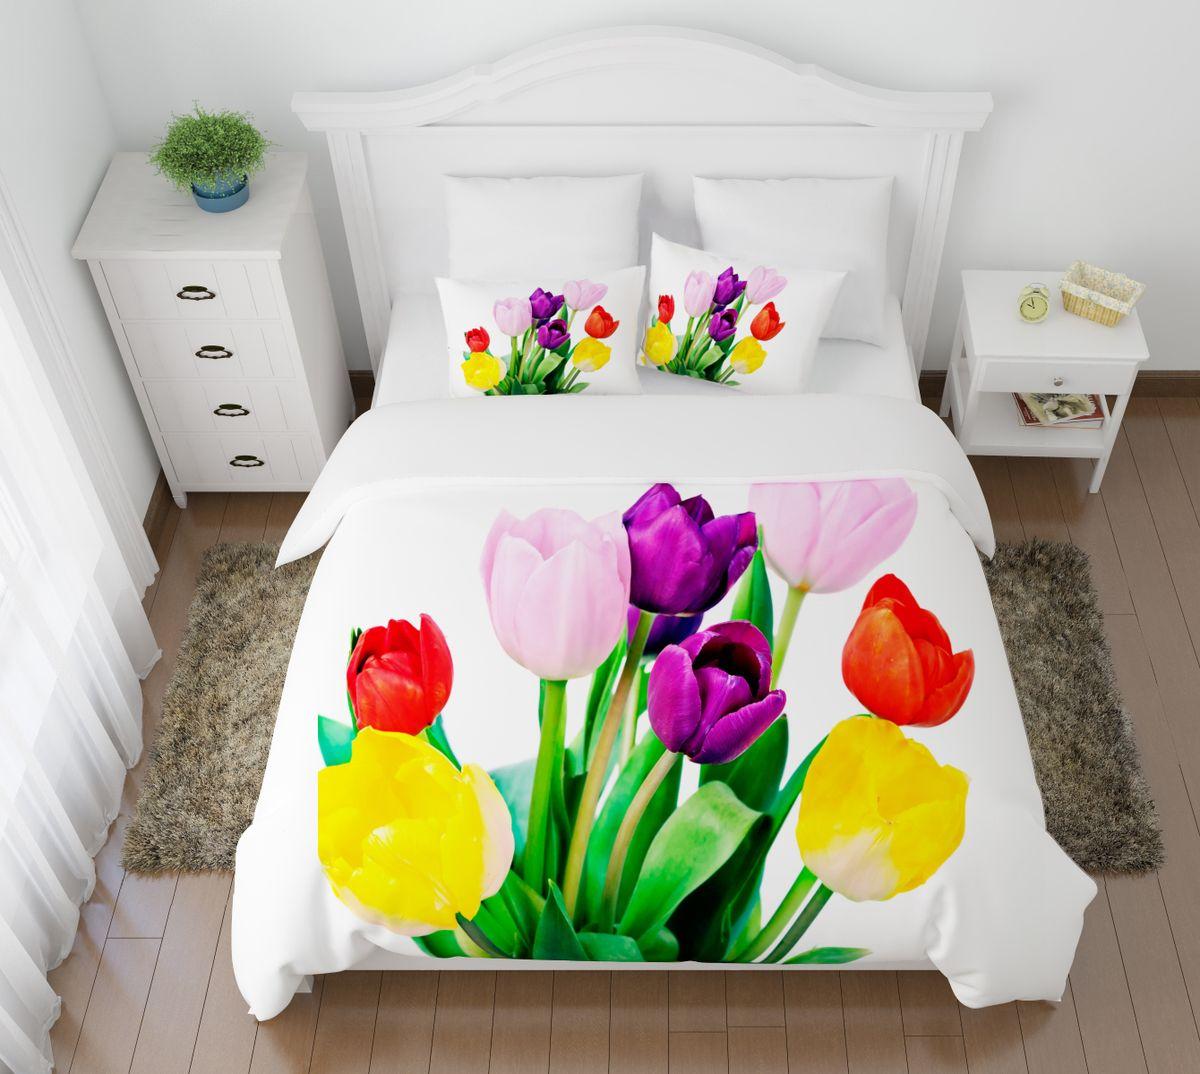 Комплект белья Сирень Весенние цветы, 1,5-спальный, наволочки 50x7010503Комплект постельного белья Сирень состоит из простыни, пододеяльника и 2 наволочек. Комплект выполнен из современных гипоаллергенных материалов. Приятный при прикосновении сатин - гарантия здорового, спокойного сна. Ткань хорошо впитывает влагу, надолго сохраняет яркость красок. Четкий, изящный рисунок в сочетании с насыщенными красками делает комплект постельного белья неповторимой изюминкой любого интерьера. Постельное белье идеально подойдет для подарка.